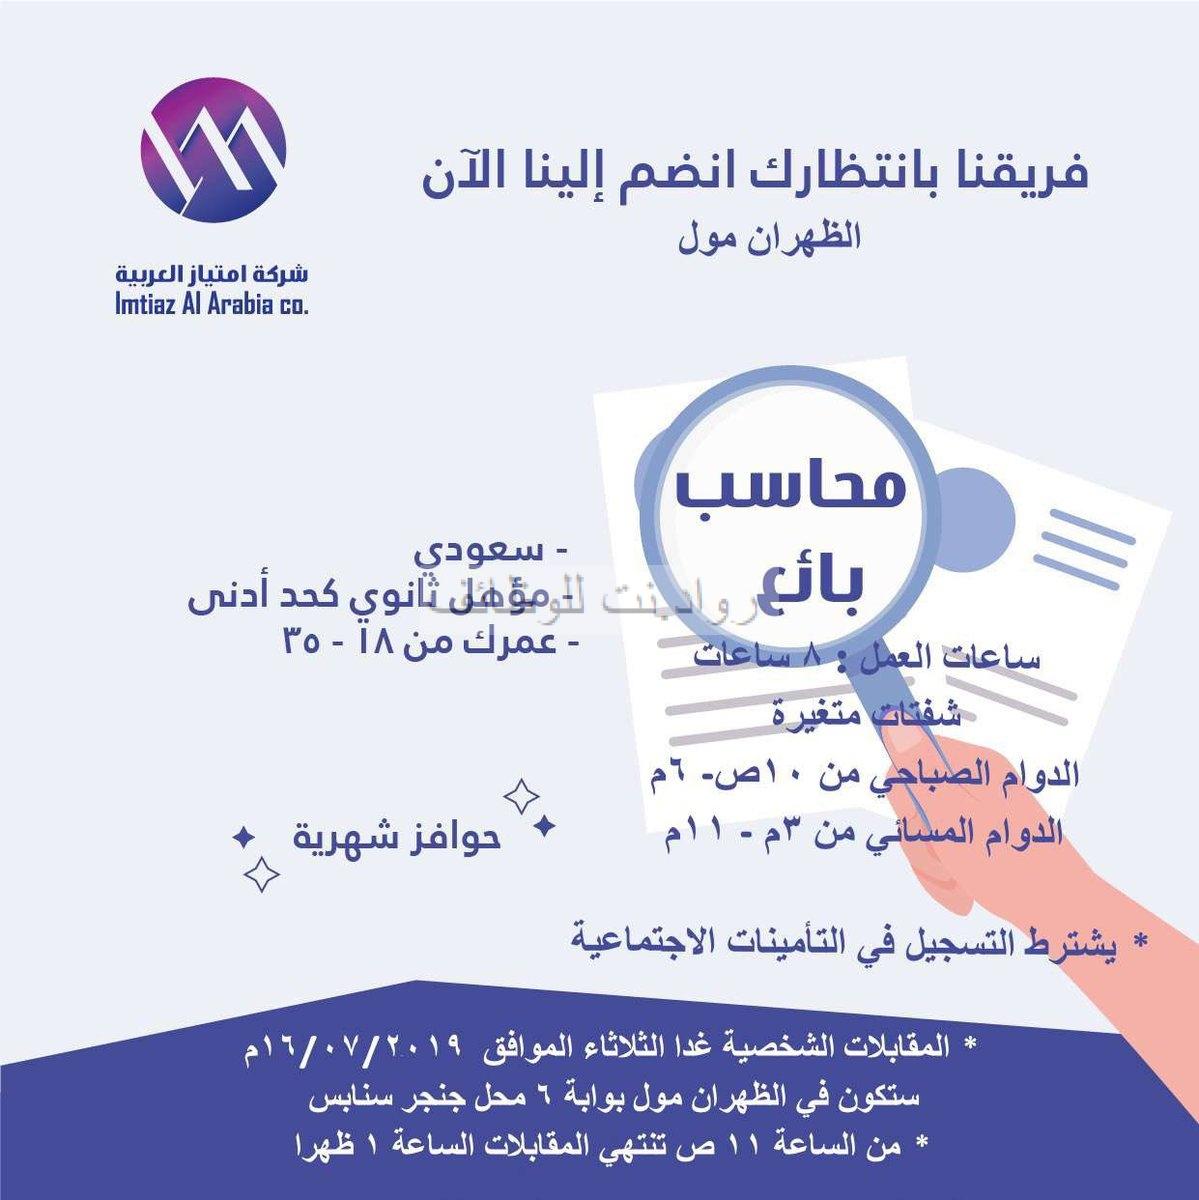 شركة امتياز العربية وظائف في الظهران مول